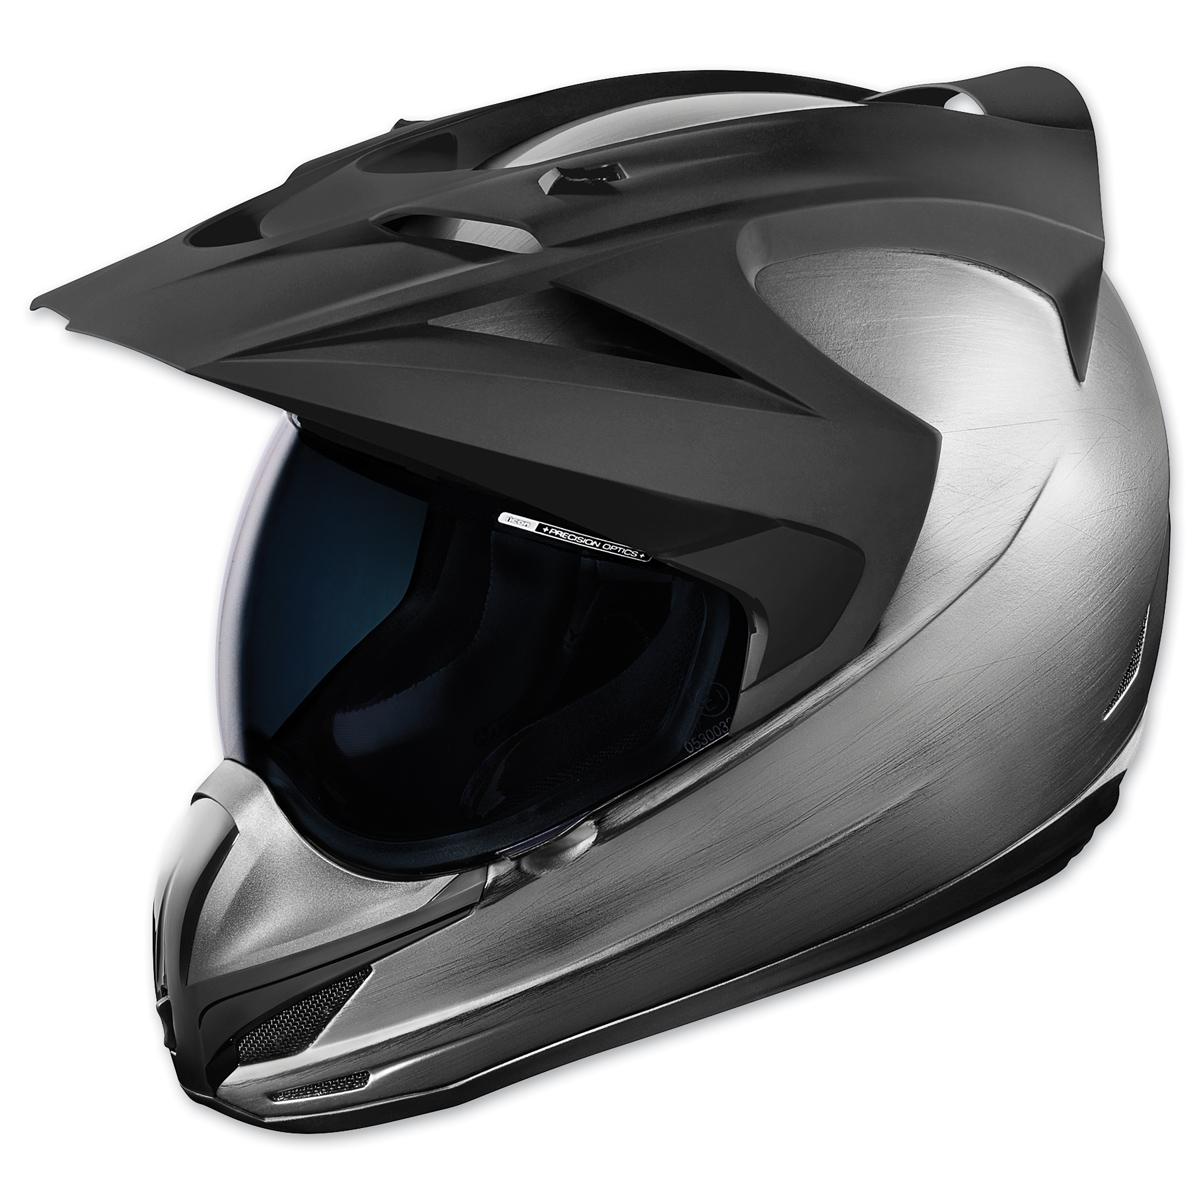 ICON Variant Quicksilver Full Face Helmet